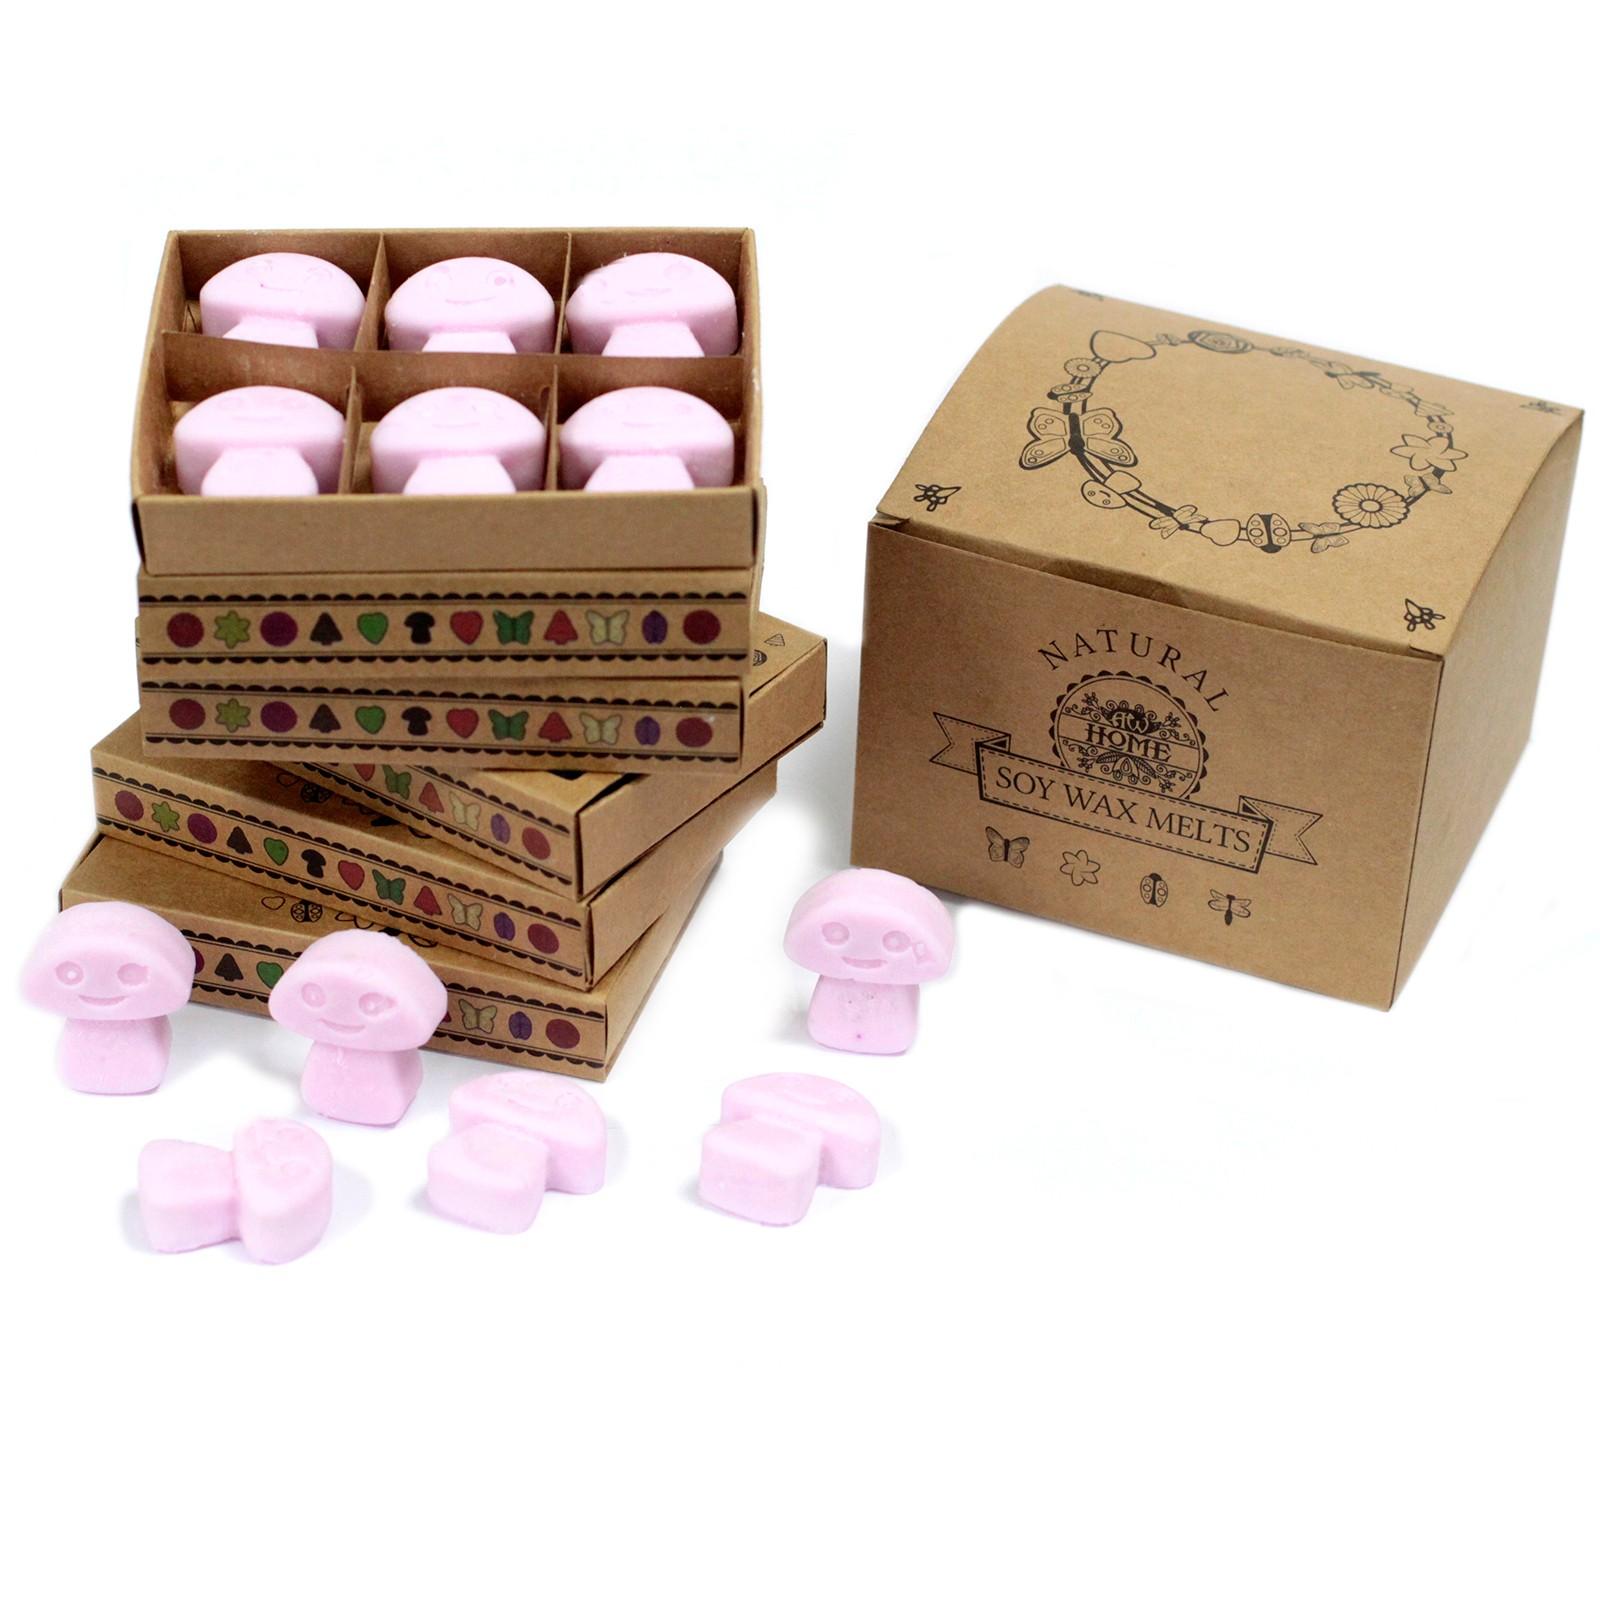 Box of 6 Wax Melts Ylang Ylang